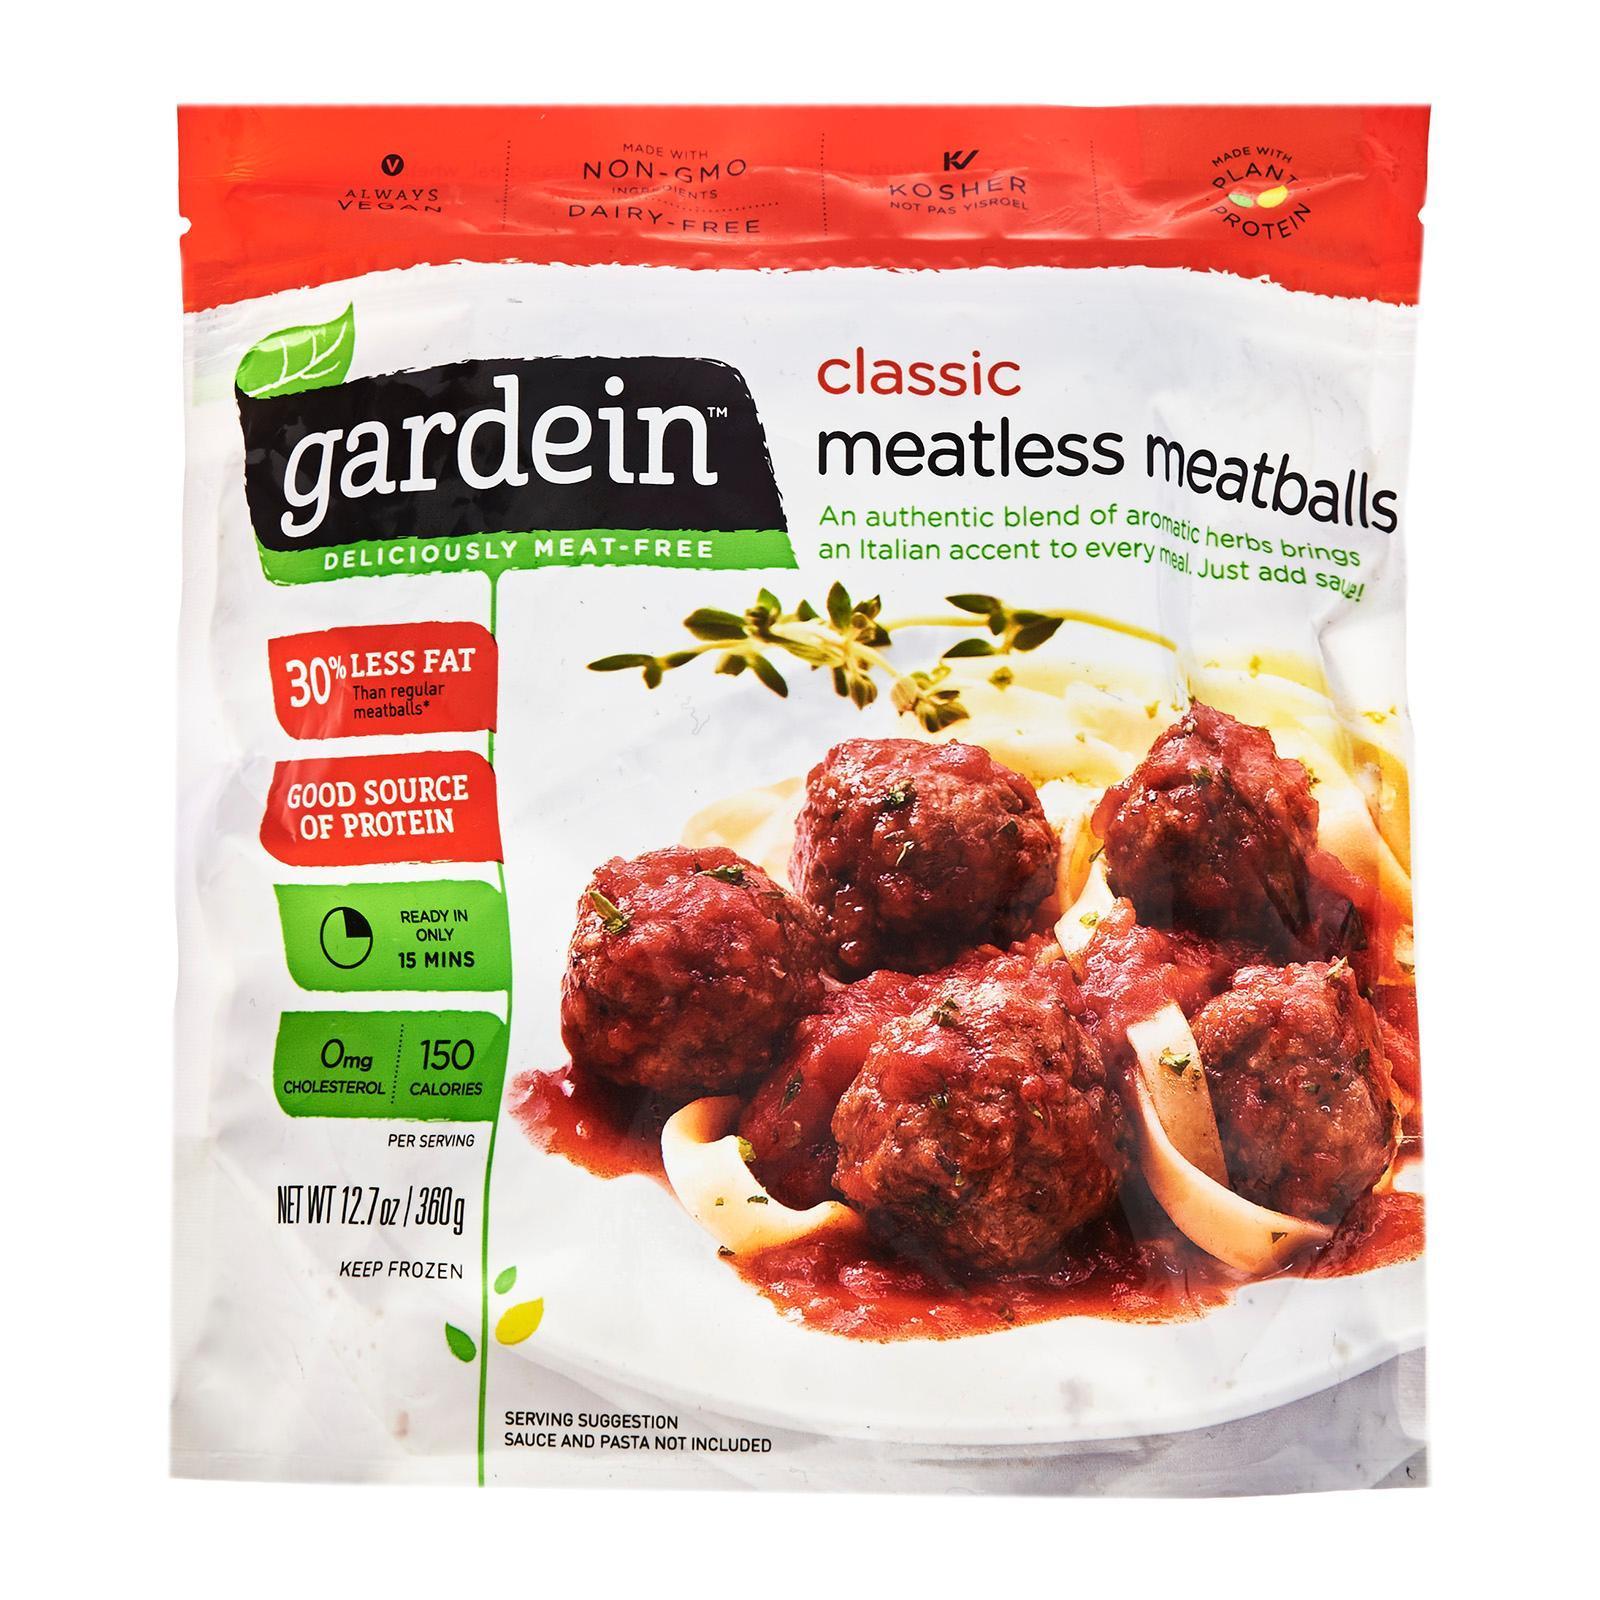 Gardein Vegetarian Meatless Meatballs - Frozen By Redmart.